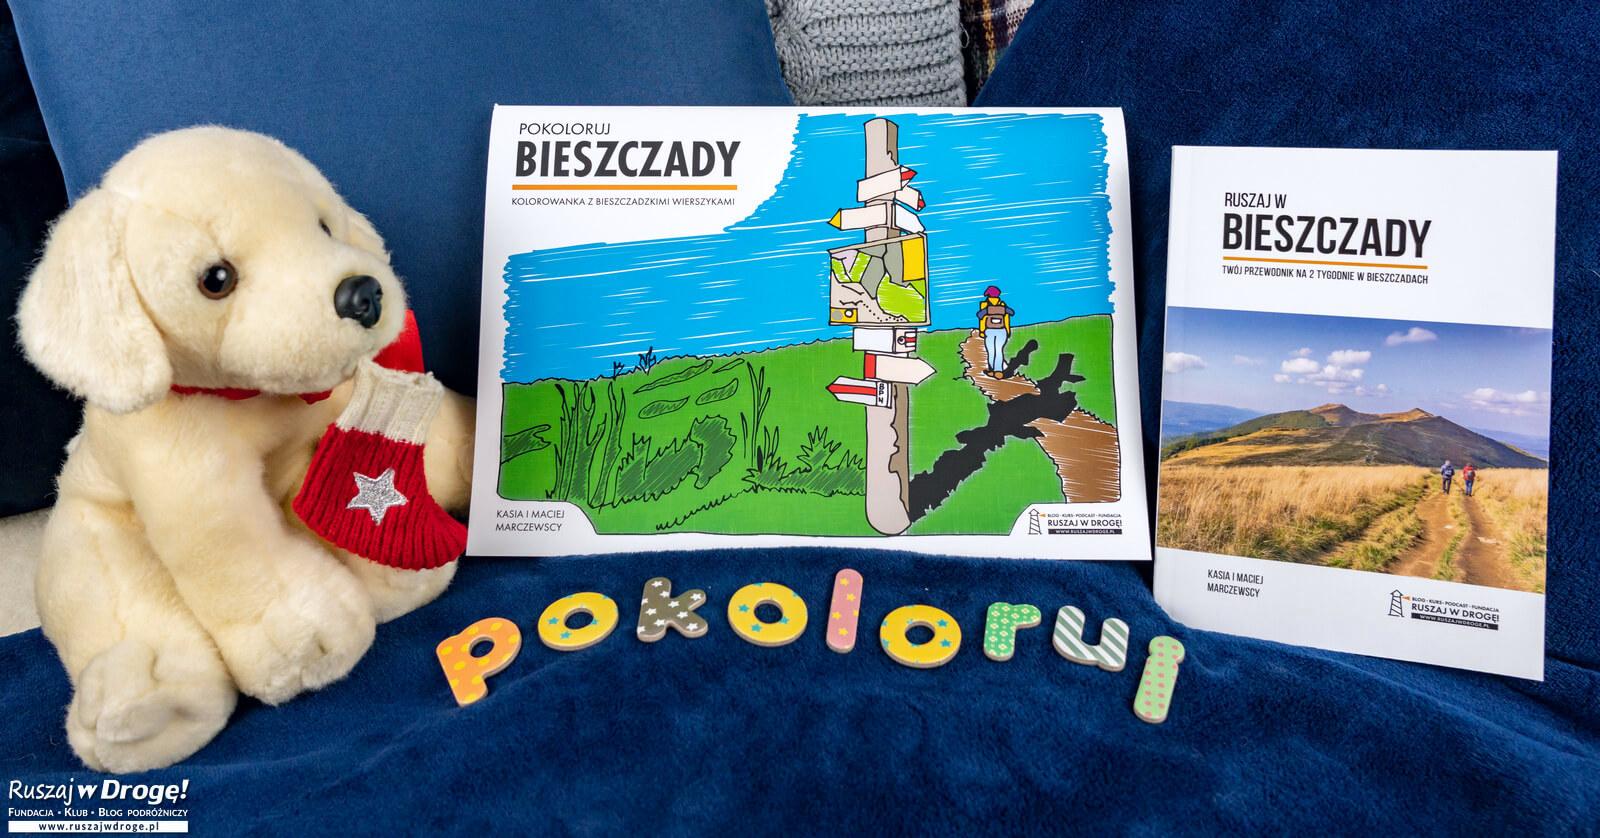 ZESTAW: Przewodnik Ruszaj w Bieszczady + Kolorowanka Pokoloruj Bieszczady